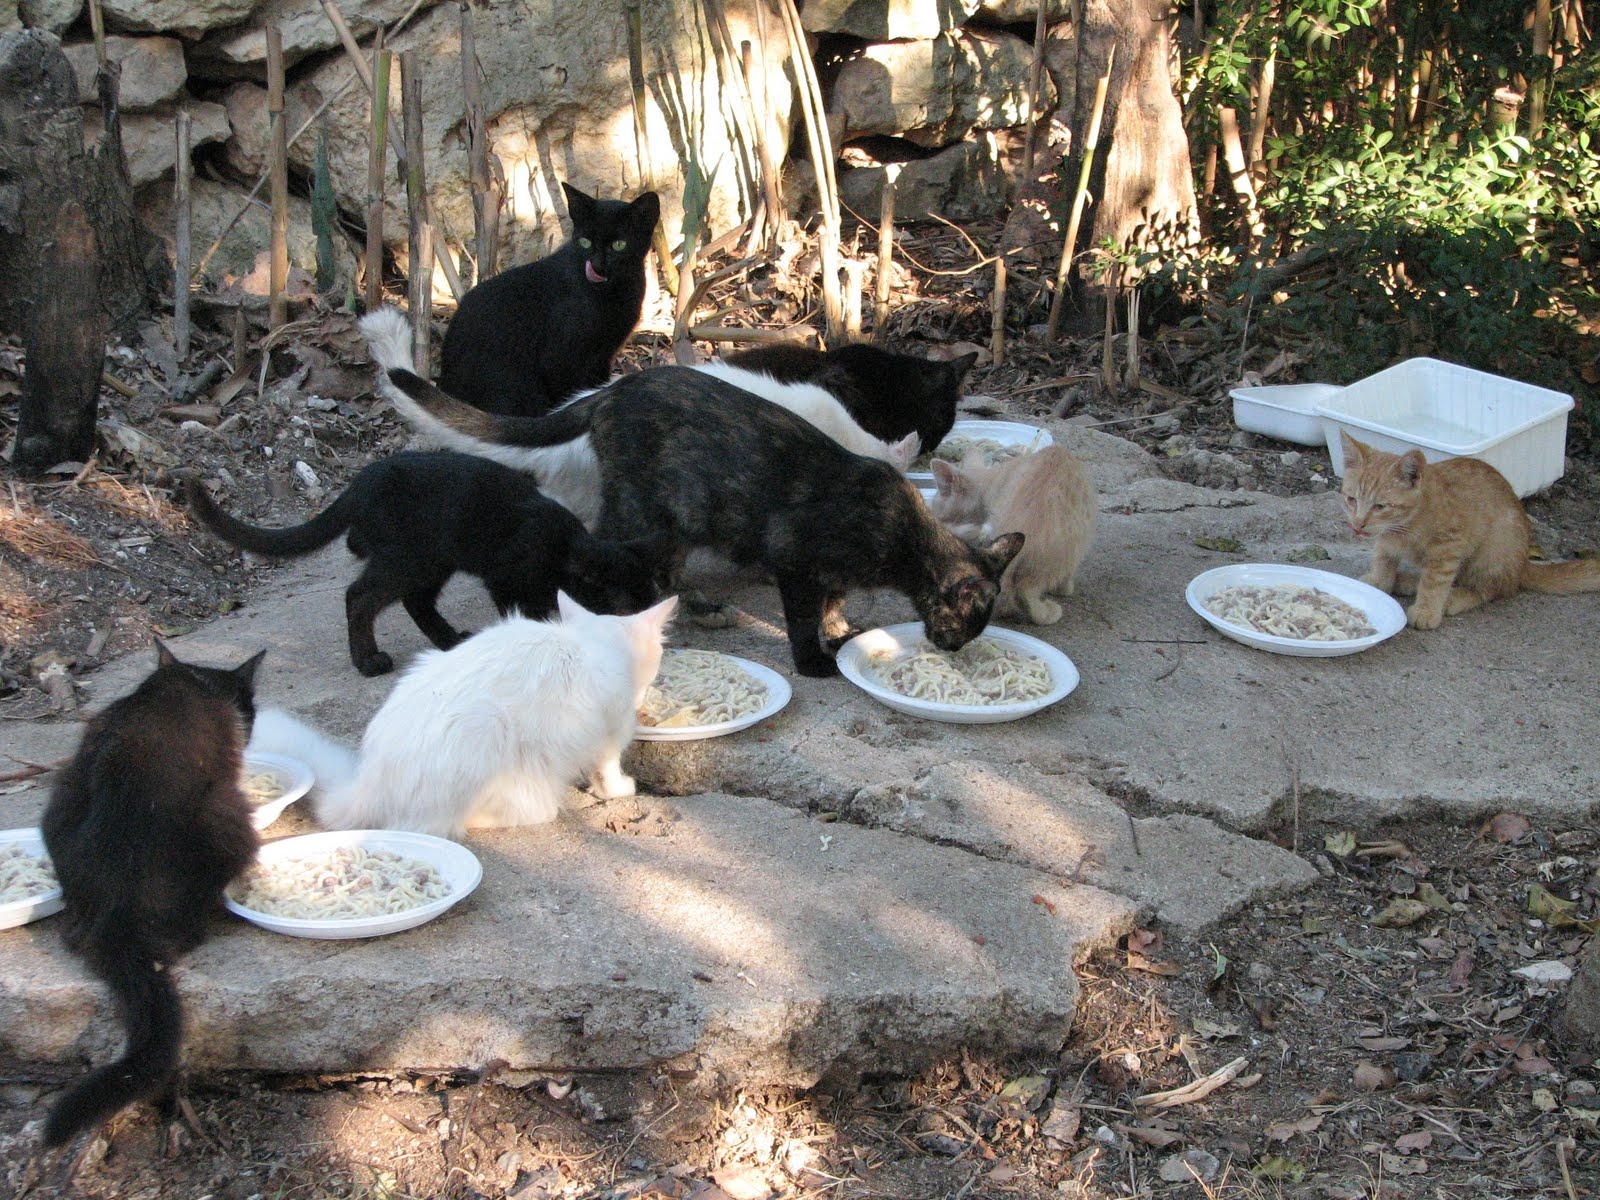 colonia di gatti mangiano